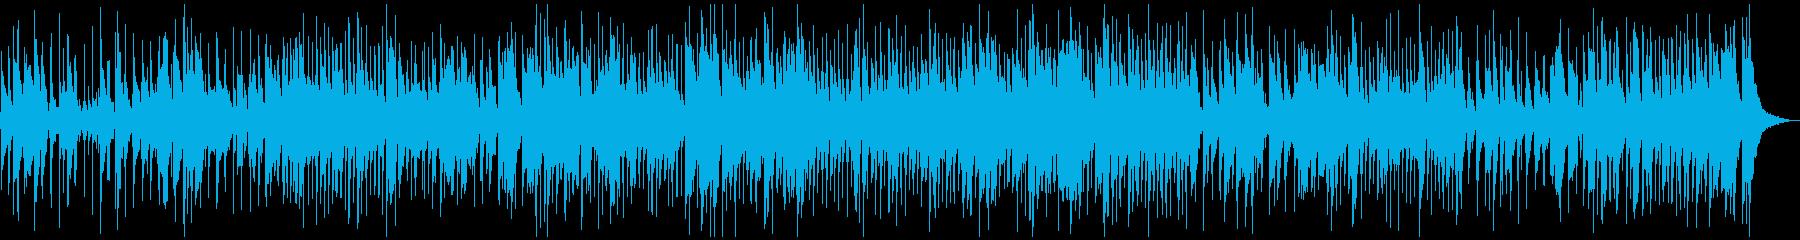 テナーサックスソロ、スイングジャズBGMの再生済みの波形